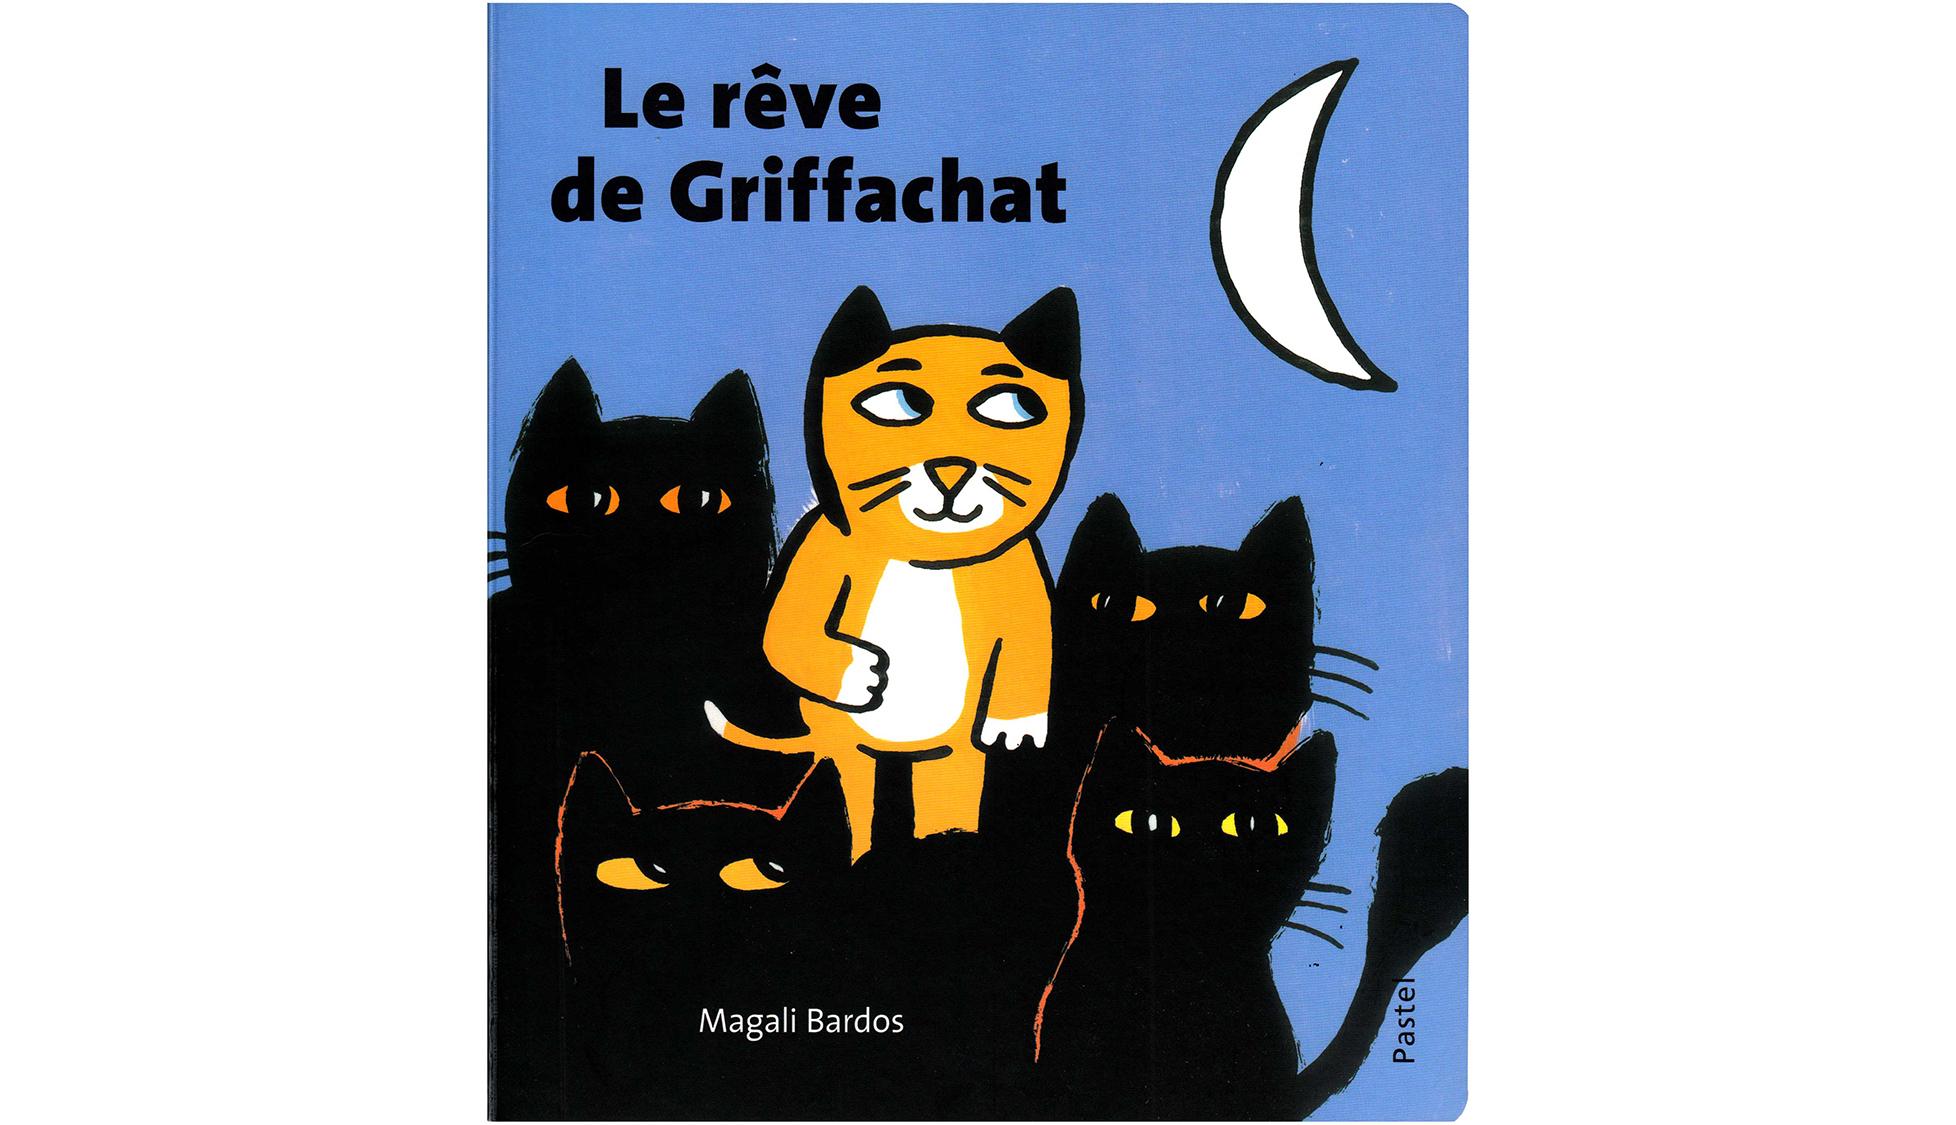 Le rêve de griffachat Magali Bardos Pastel L'école des loisirs album cartonné 0-3 ans chat nuit silhouette transformation lune souris château